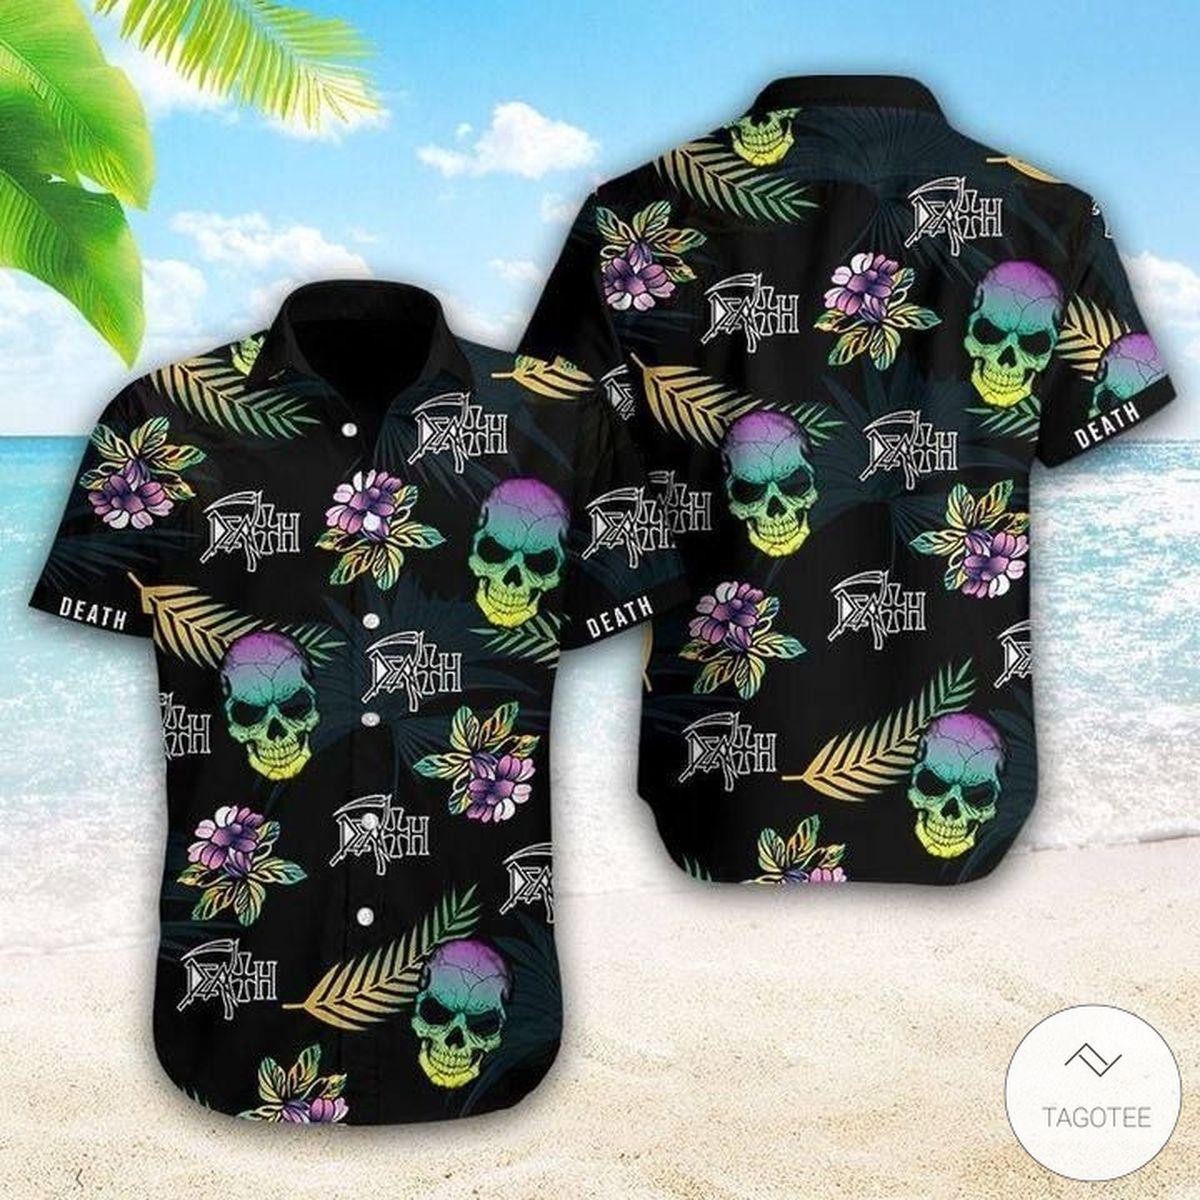 Death (metal band) Hawaiian Shirt